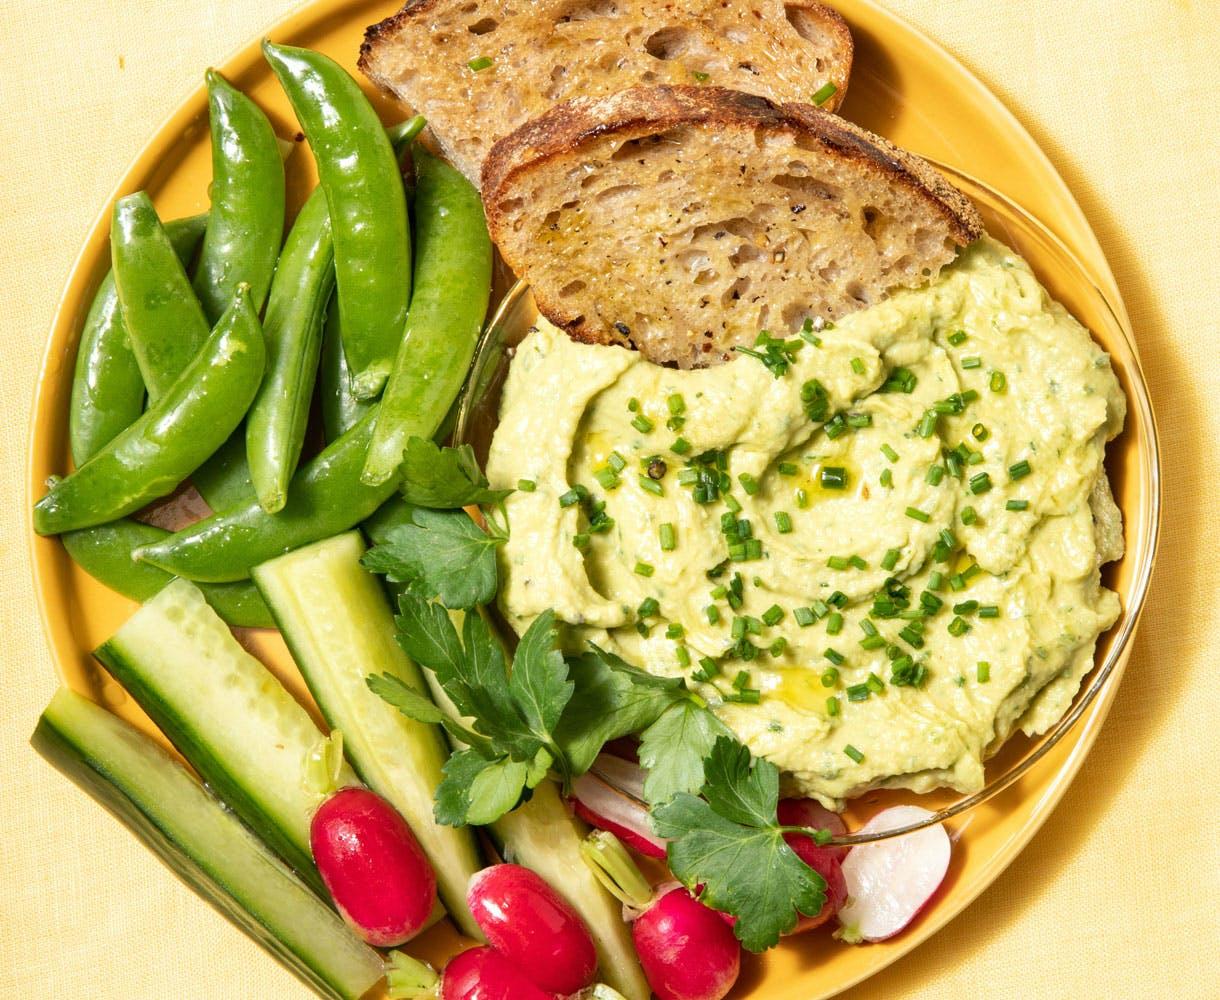 hummuds and veg